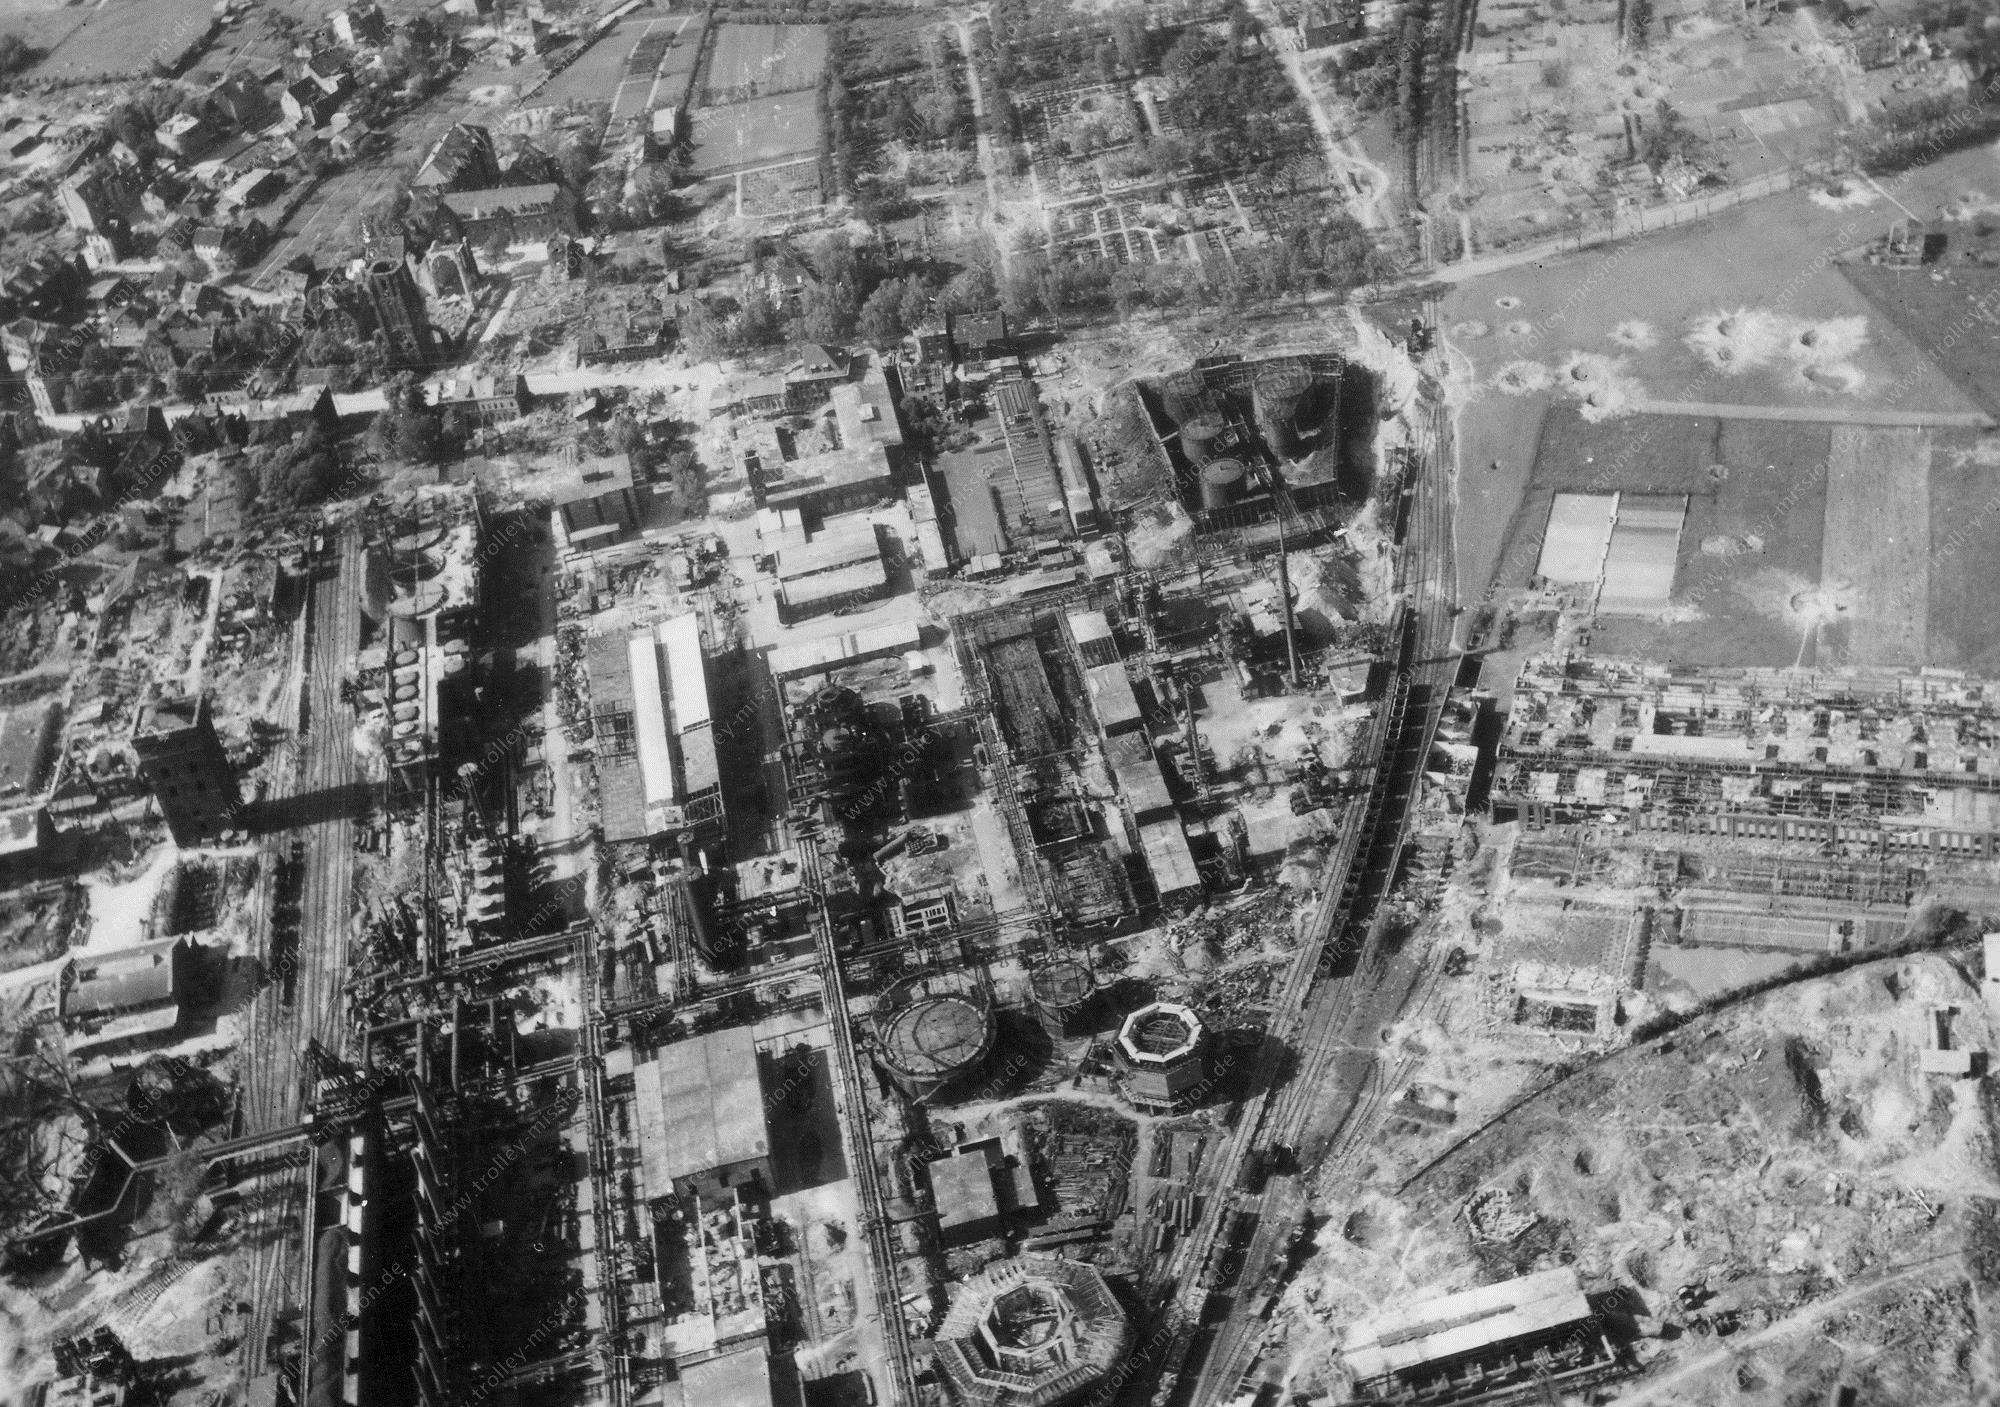 Bochum Luftbild Zeche Hannibal und Hydrierwerk von Krupp